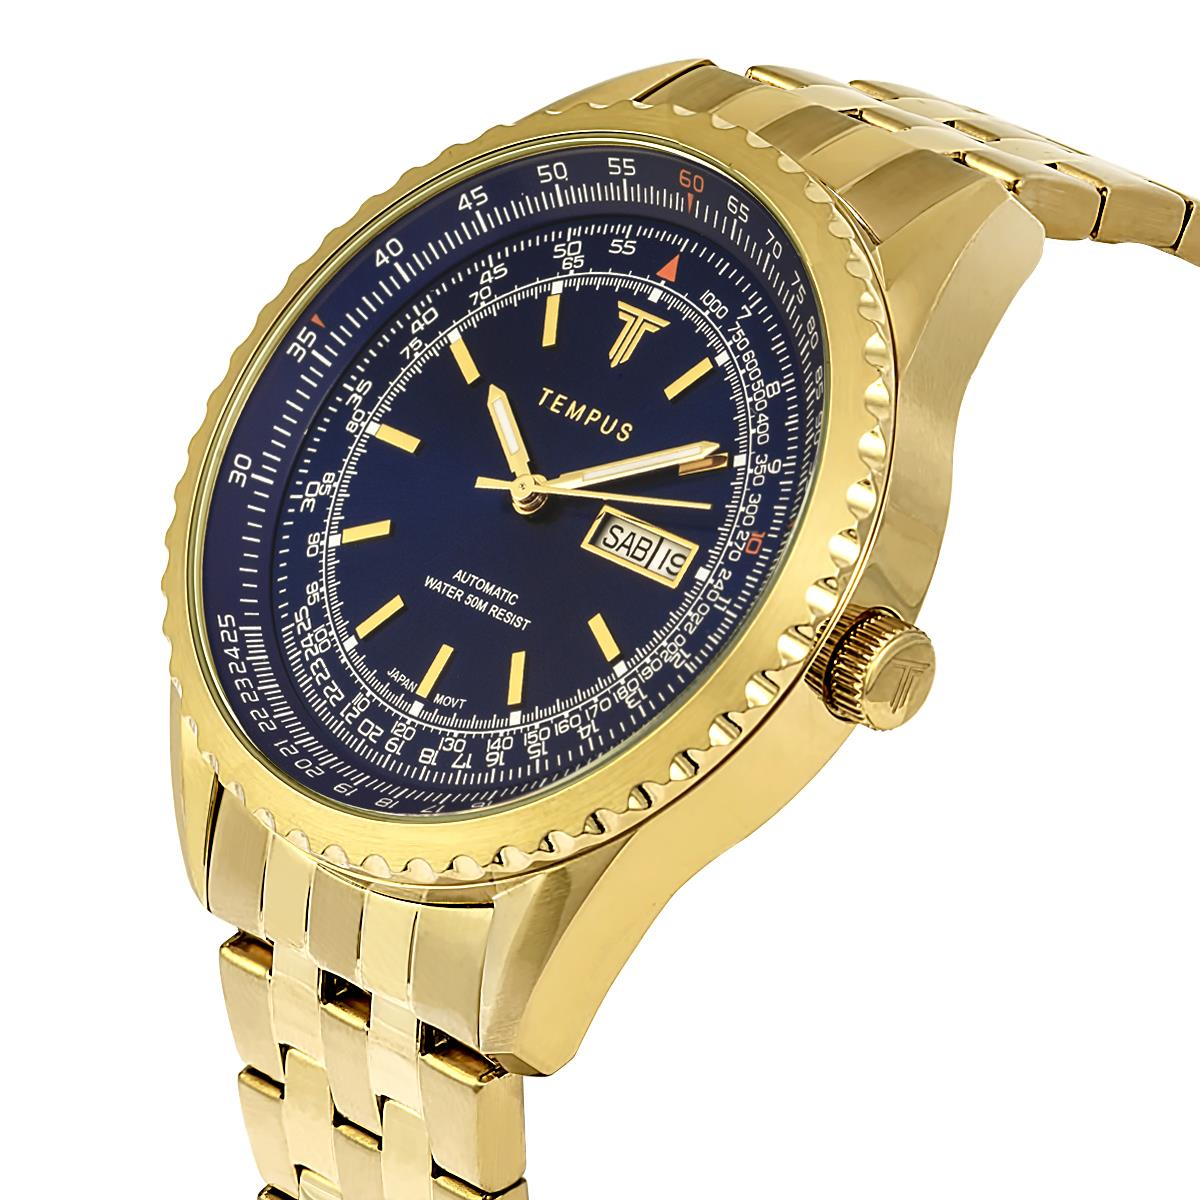 7c384507dba Relógio Masculino Tempus Magnific ZW30321A Gold Blue